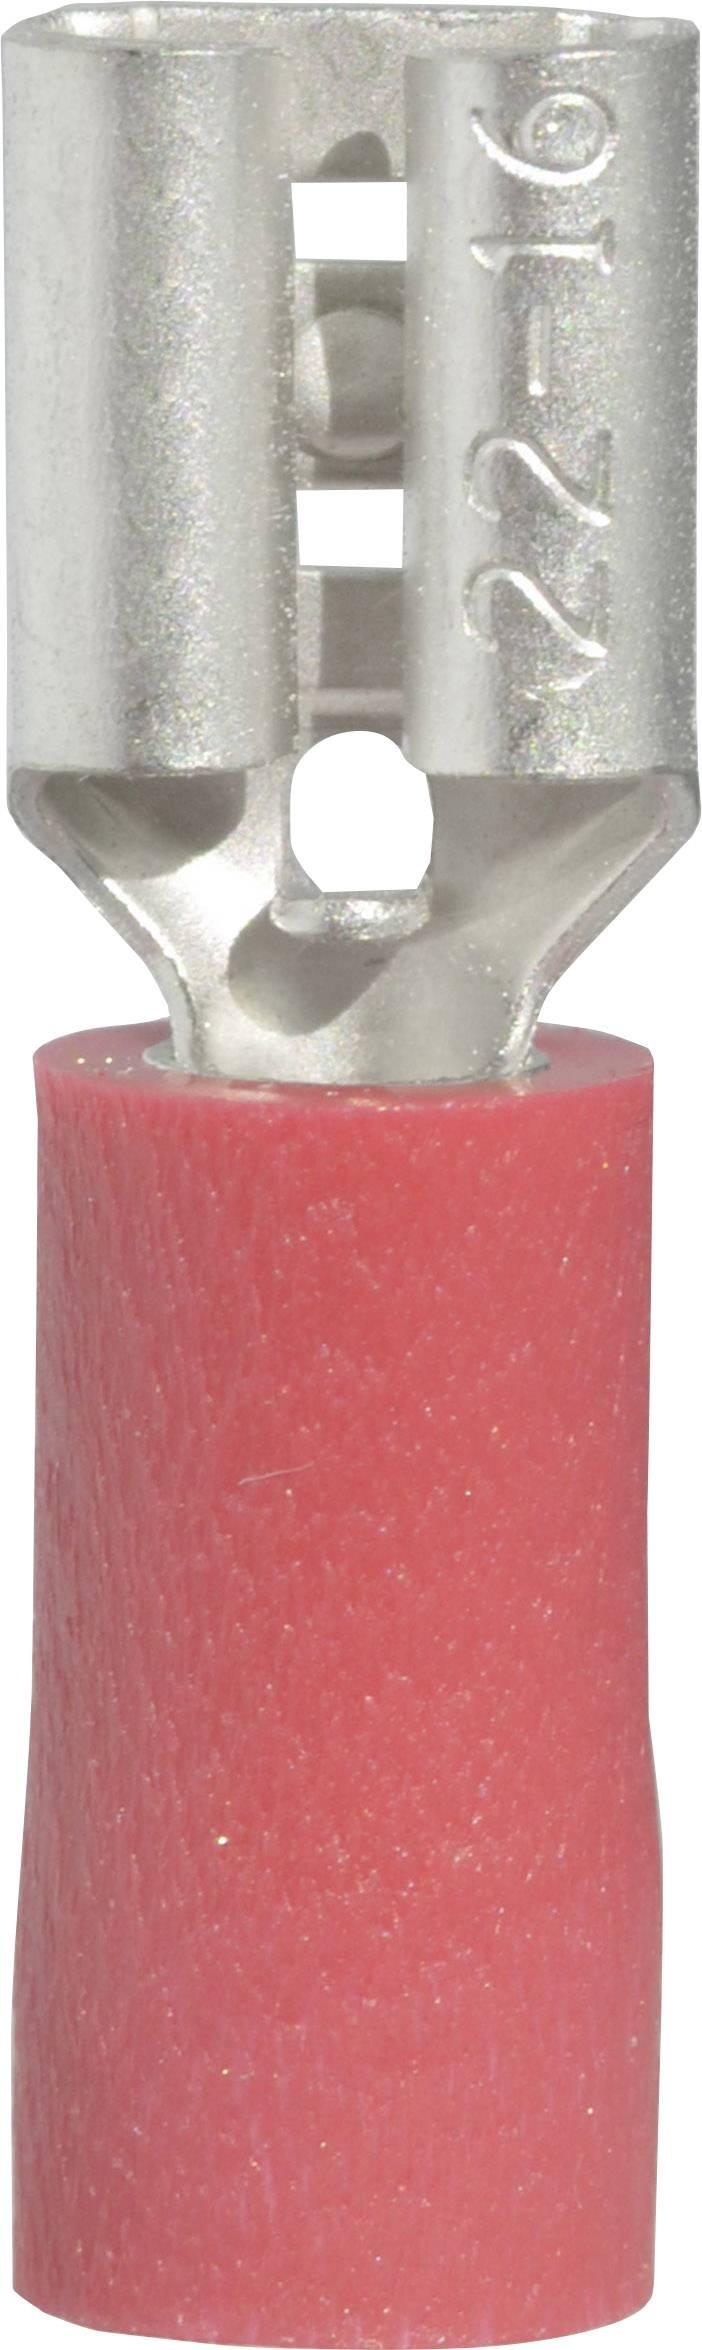 Faston konektor zásuvka Vogt Verbindungstechnik 3901 4.8 mm x 0.5 mm, 180 °, čiastočne izolované, červená, 1 ks